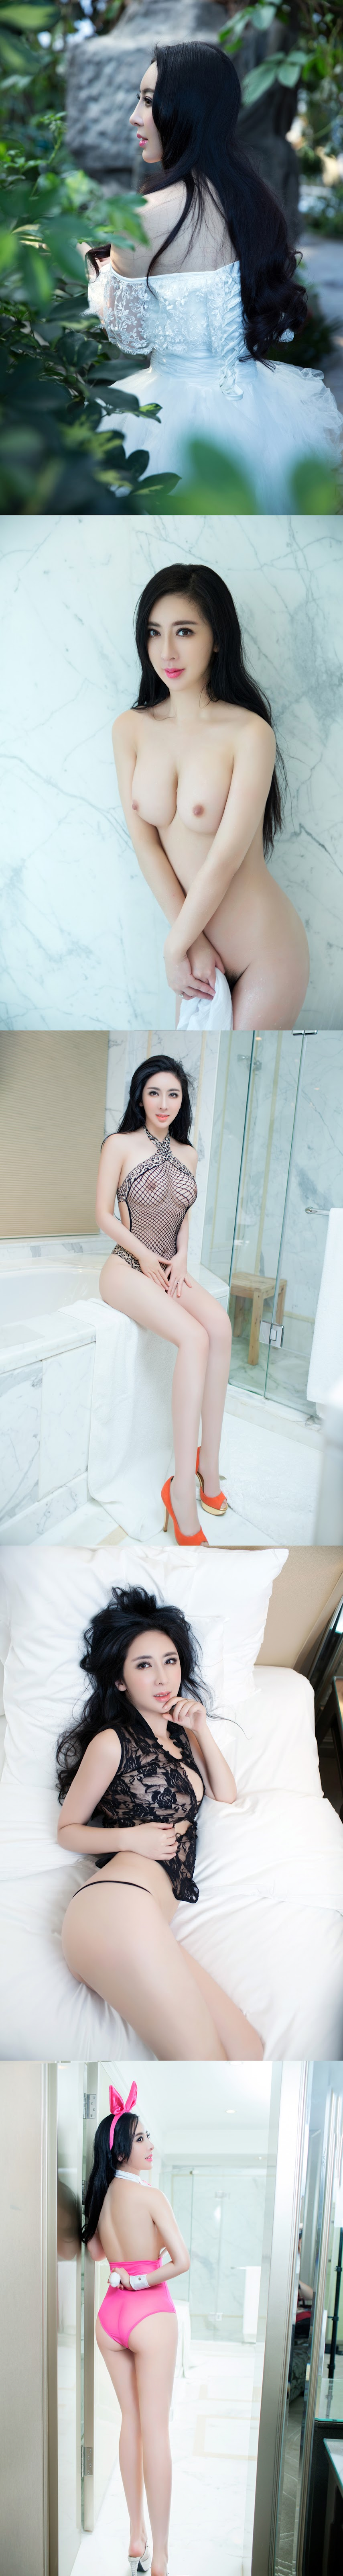 TuiGirl 64 木婉晴